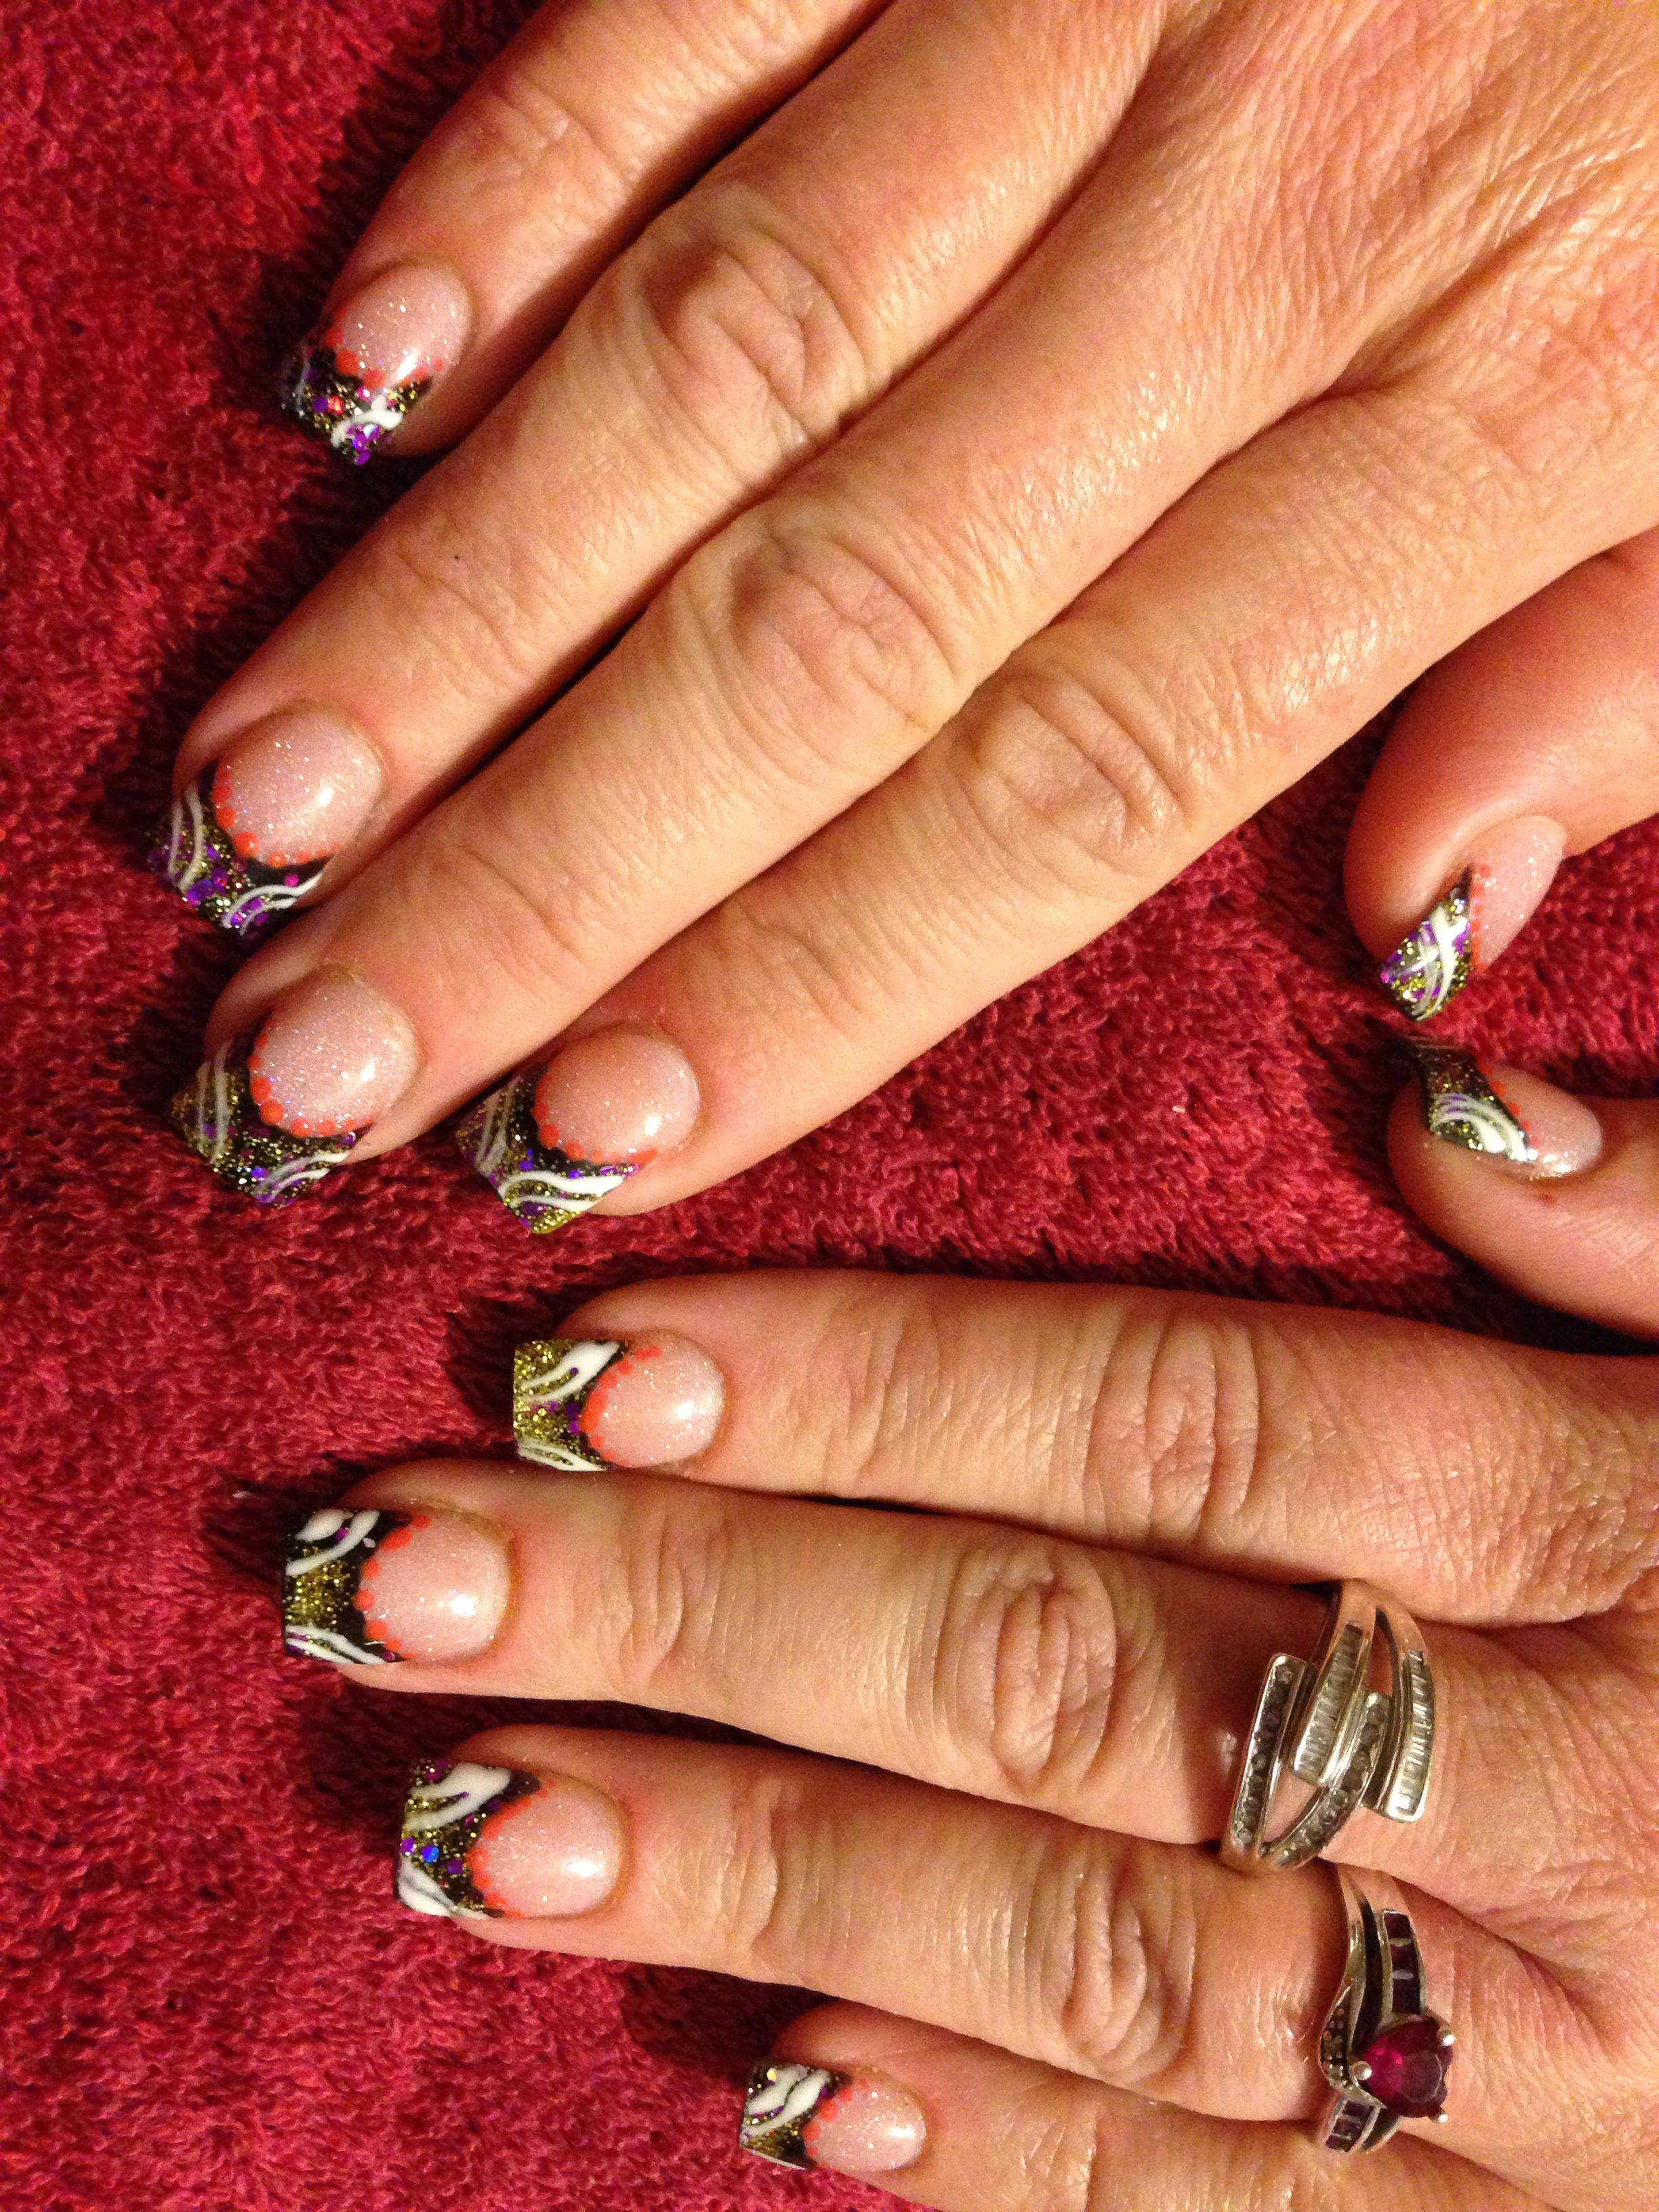 Acrylic nails saraus nail designs pinterest